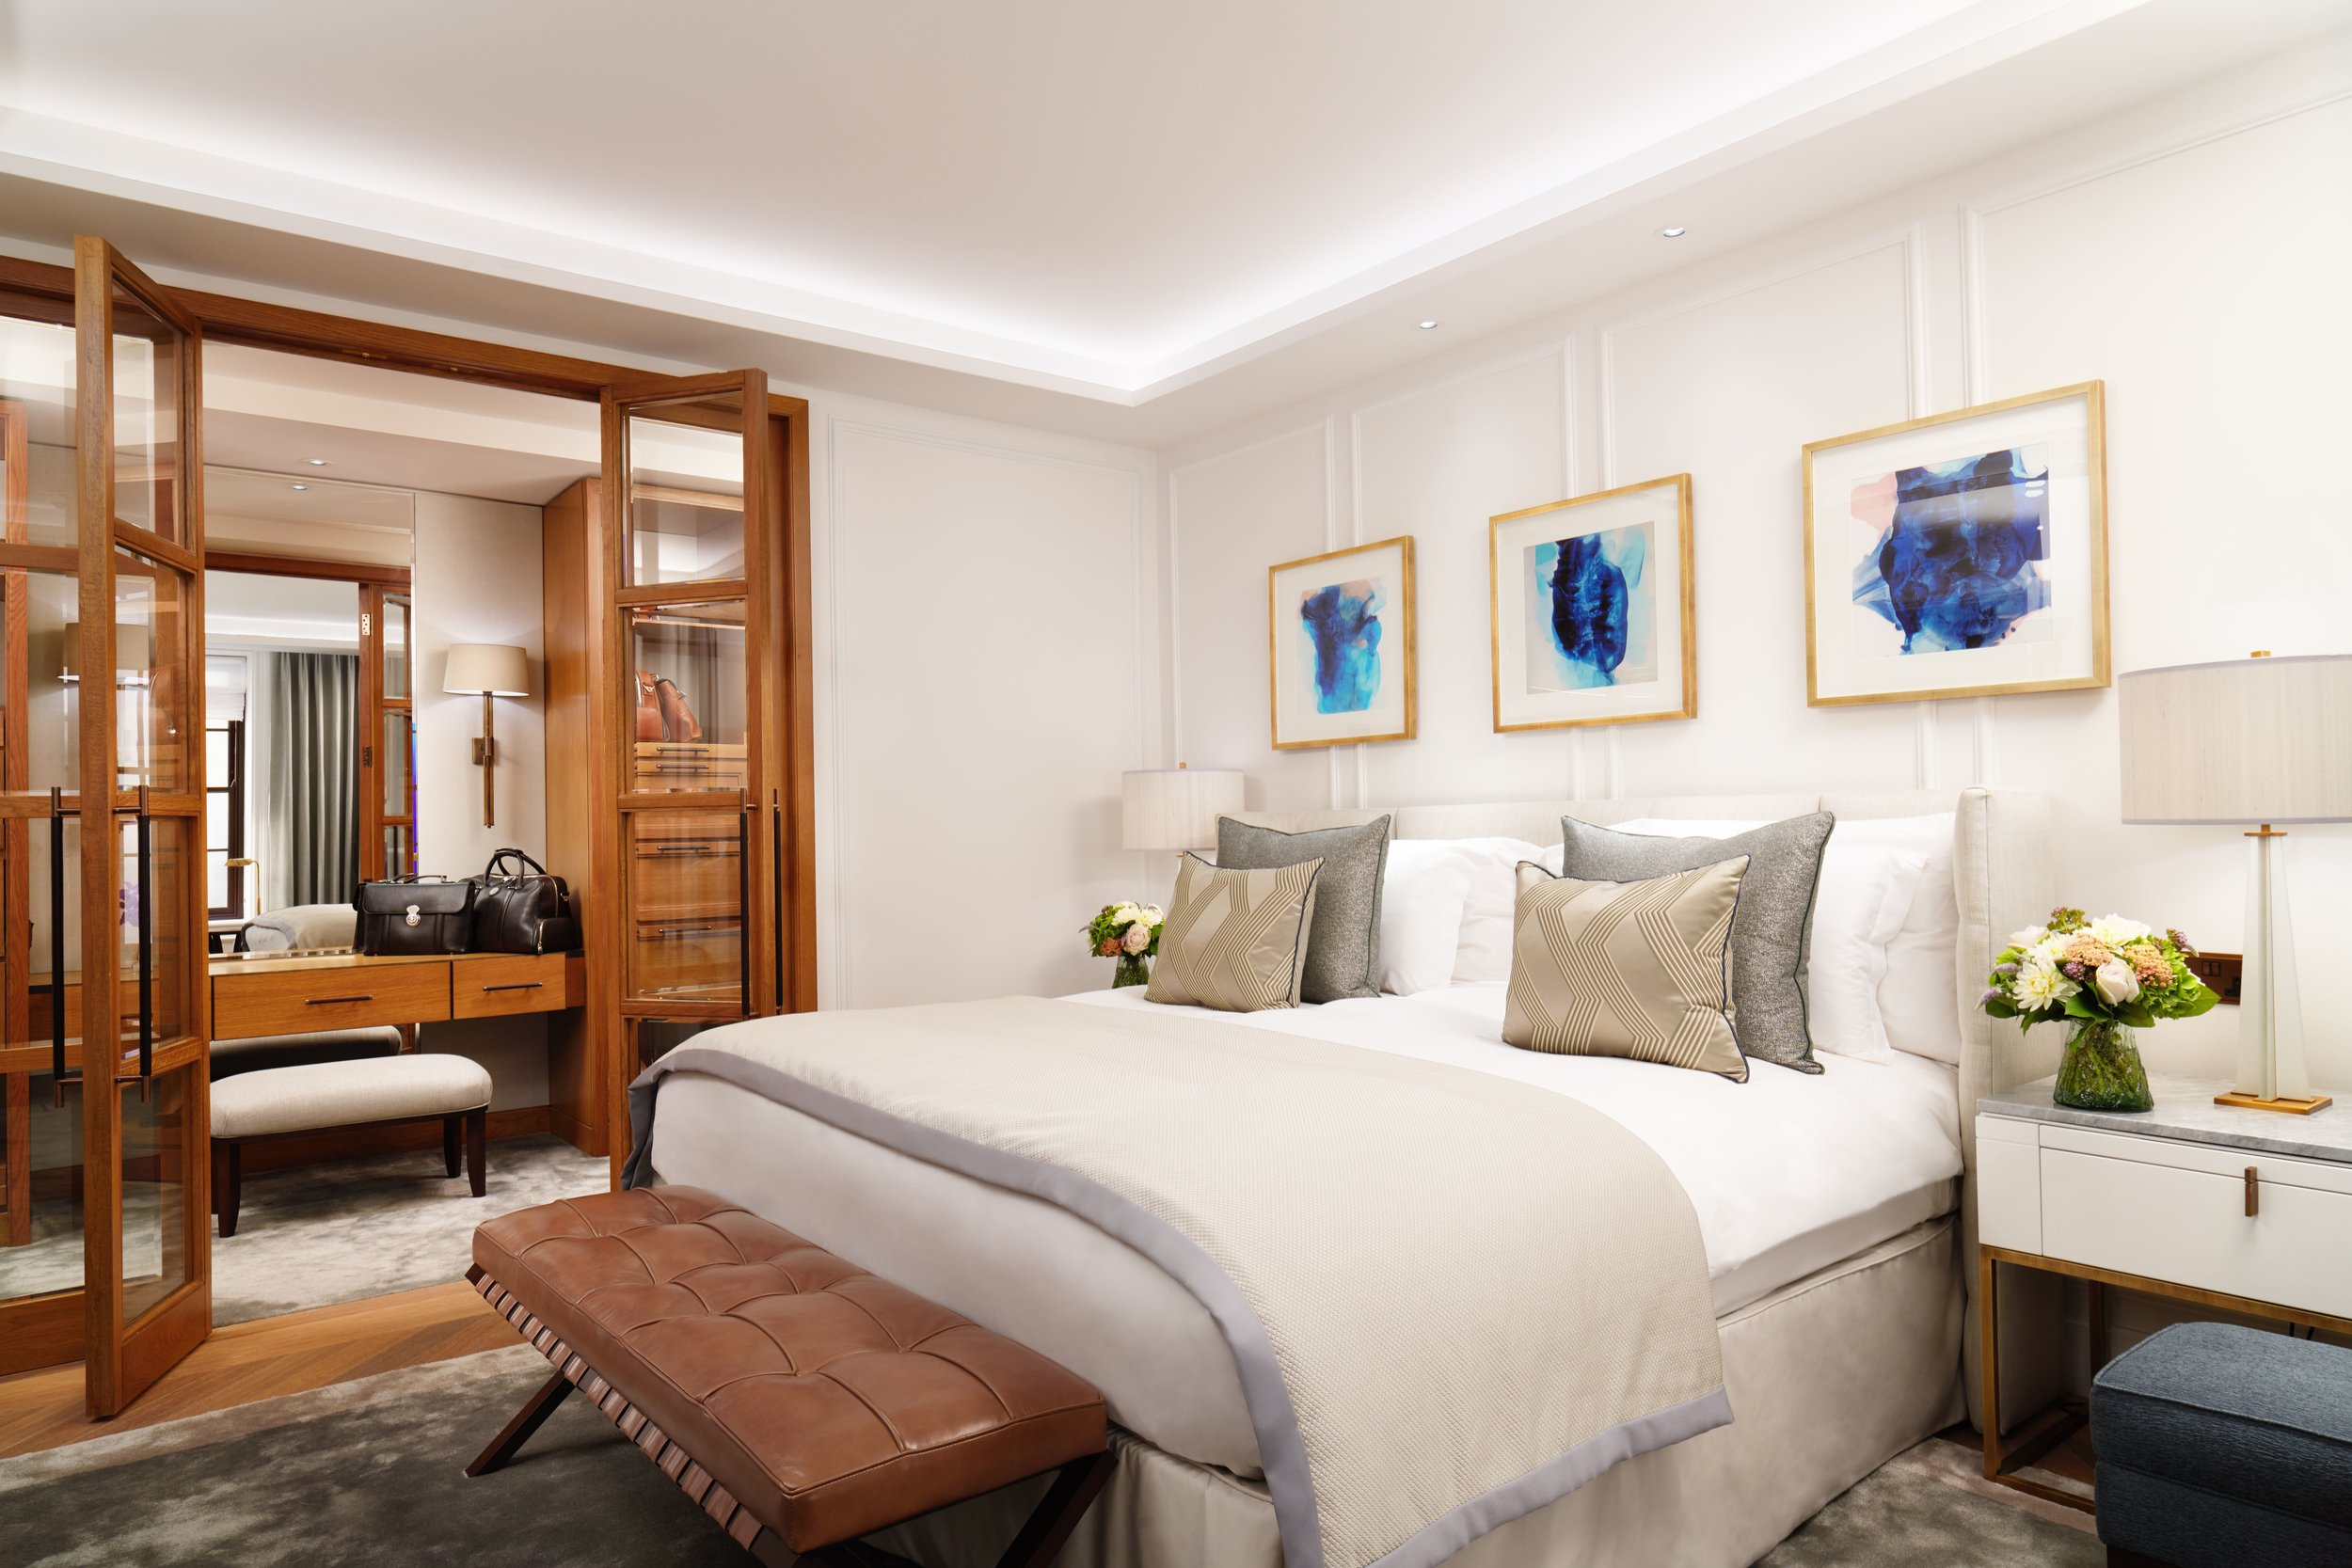 CorinthiaHotel_The_London_Suite_Bedroom_Jack_Hardy_2018.jpg